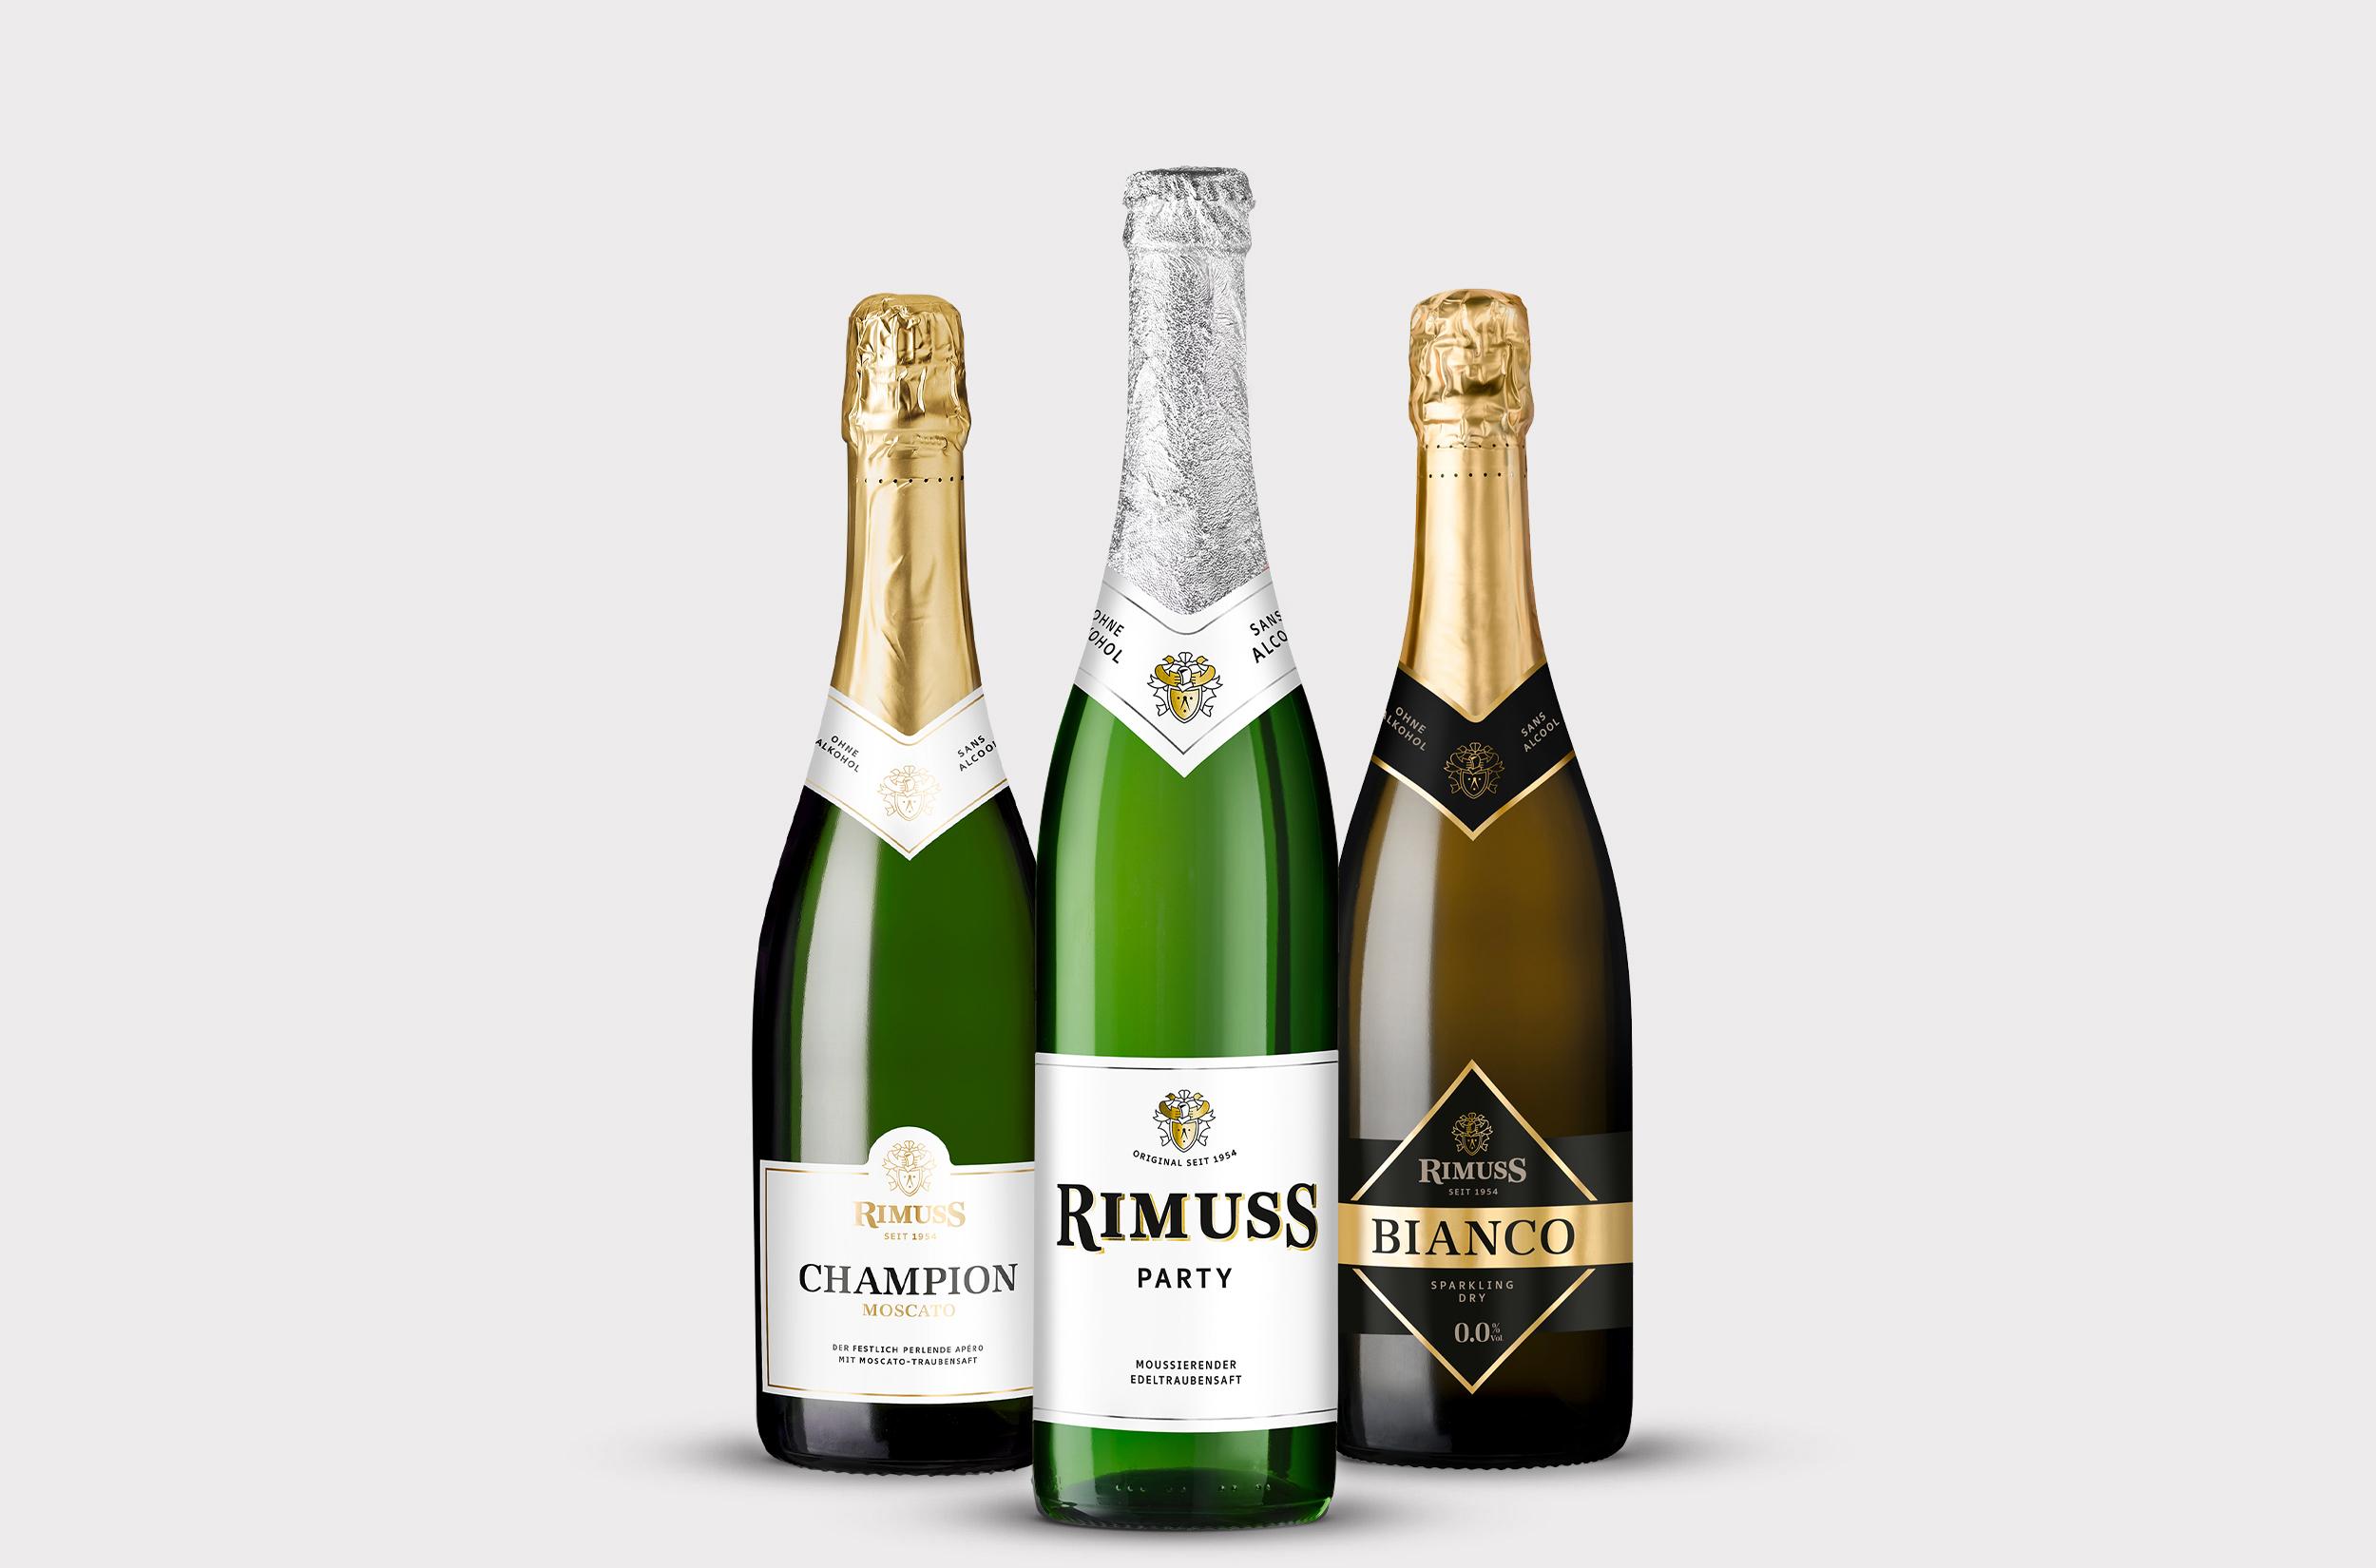 Die Leaderprodukte von Rimuss nebeneinander: Rimuss Party, Rimuss Champion Moscato, Rimuss Bianco Dry.